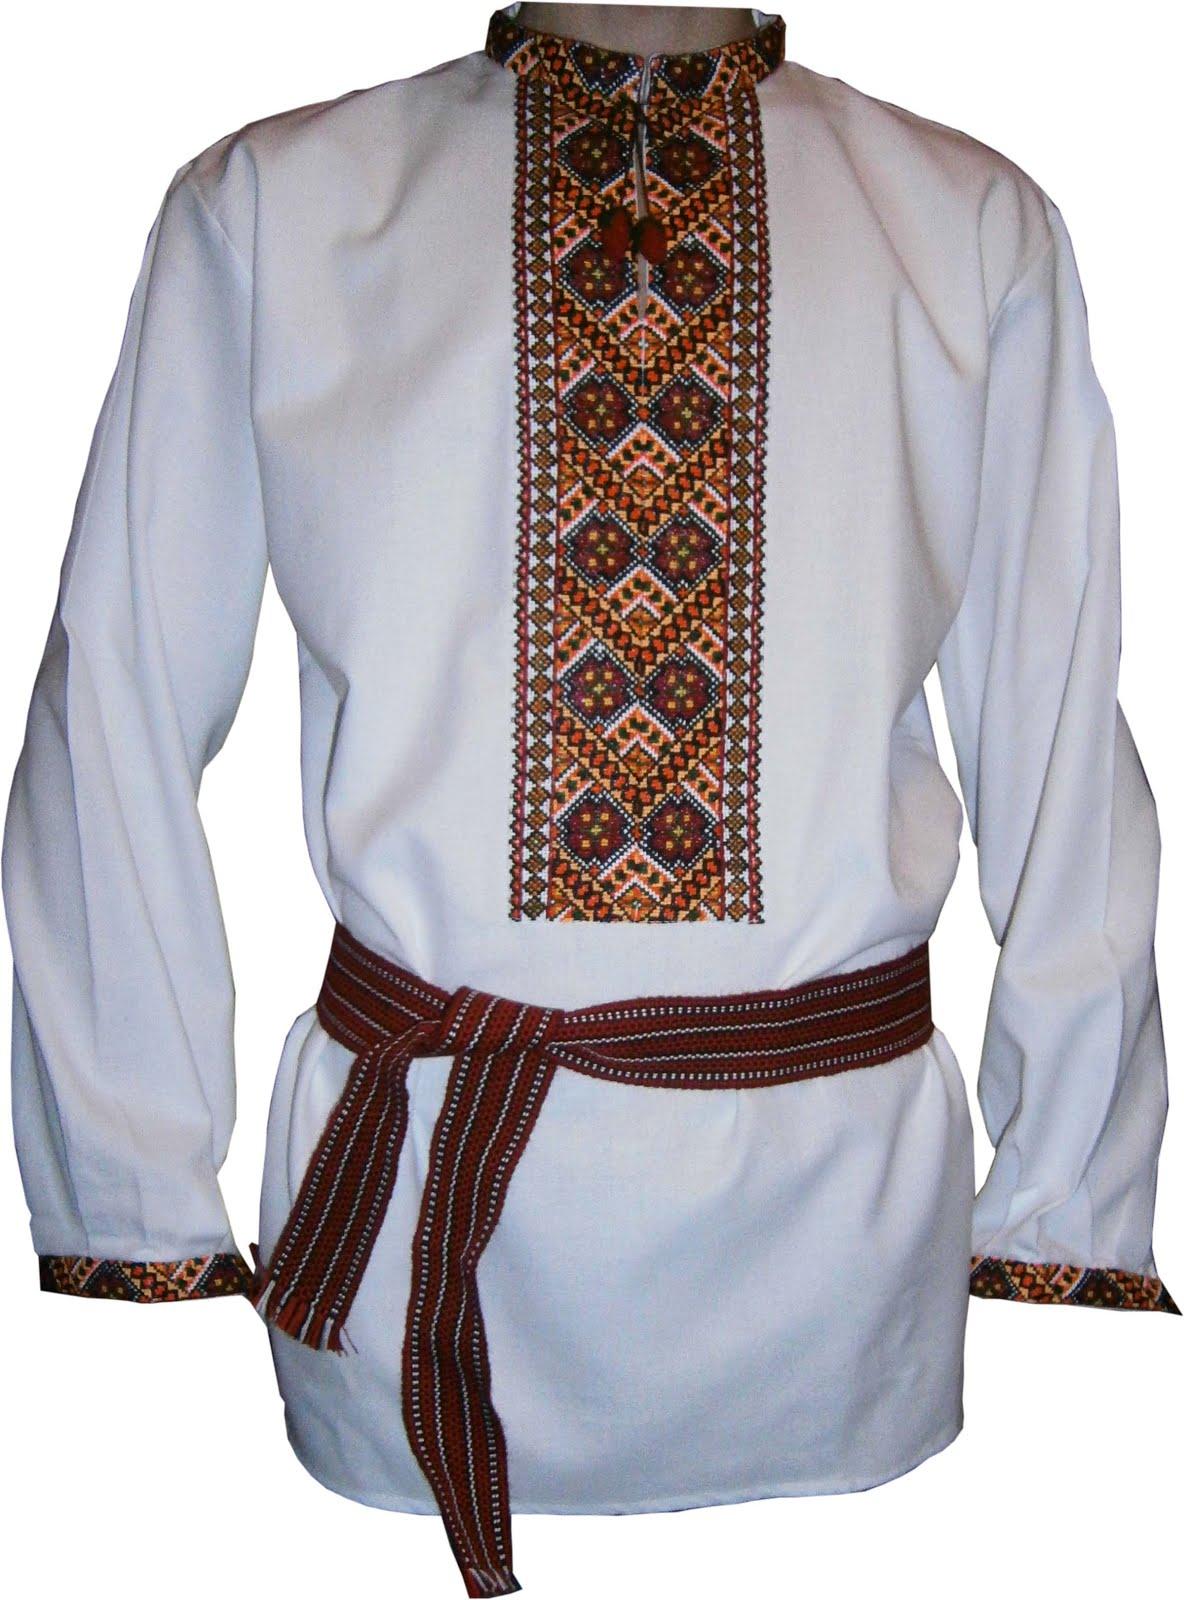 Вишиванка - Інтернет-магазин вишиванок  Вишиванка - хіт продажів! 75305761532c3